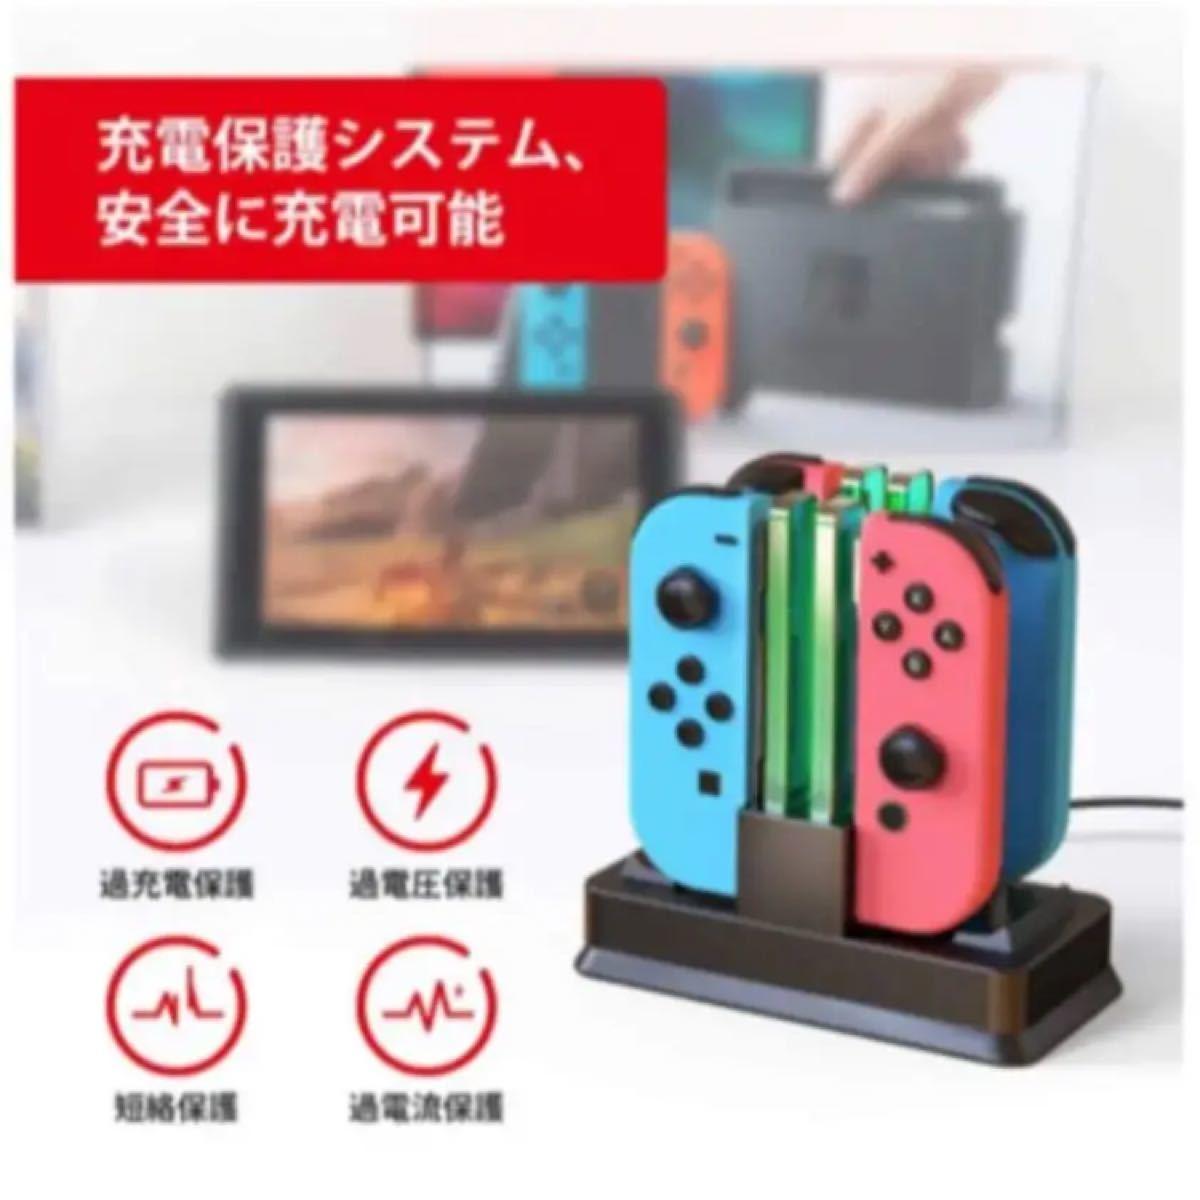 Switch Joy-Con充電スタンド ニンテンドースイッチ充電器